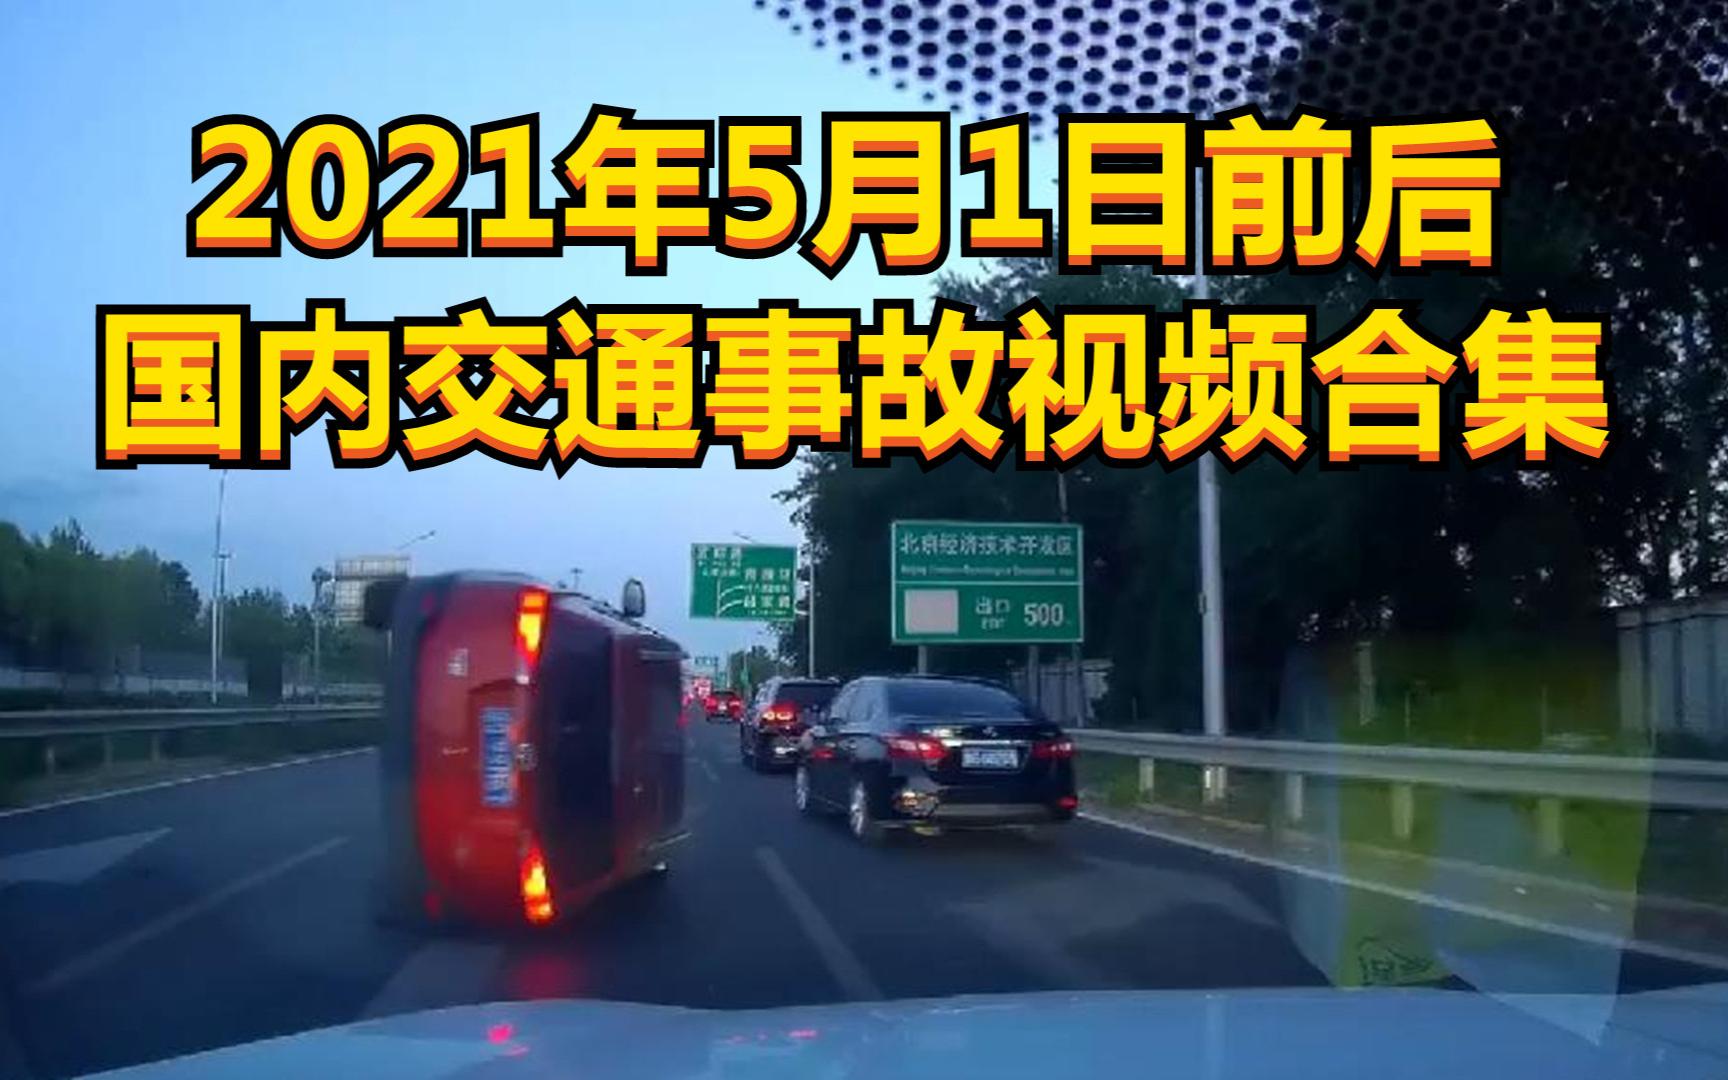 2021年5月1日前后国内交通事故视频合集